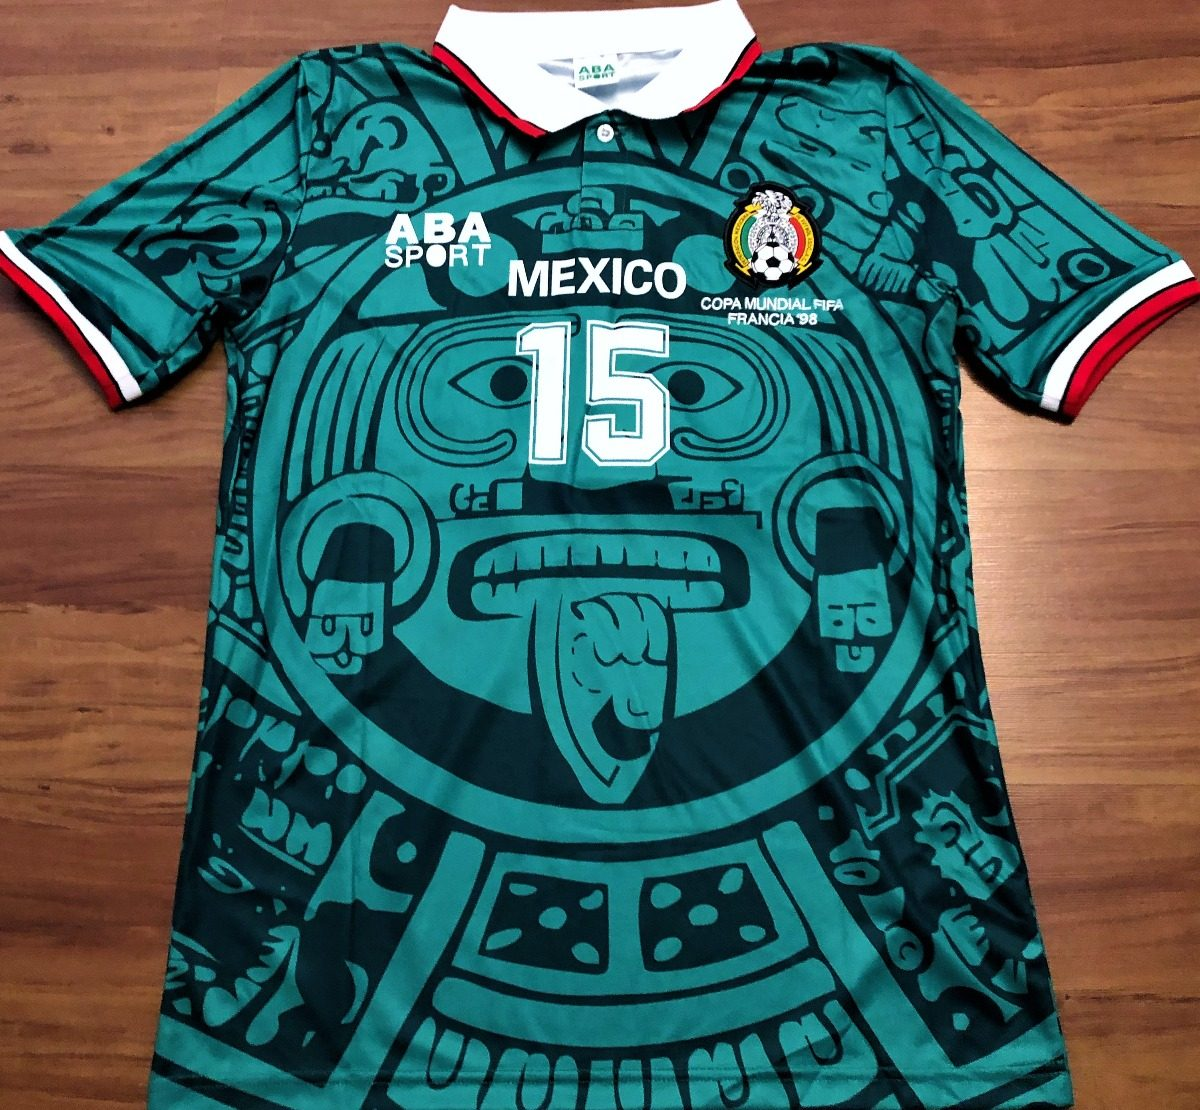 camisa do méxico copa do mundo 1998 hernandez  15 rara. Carregando zoom. 86520438fc6ab